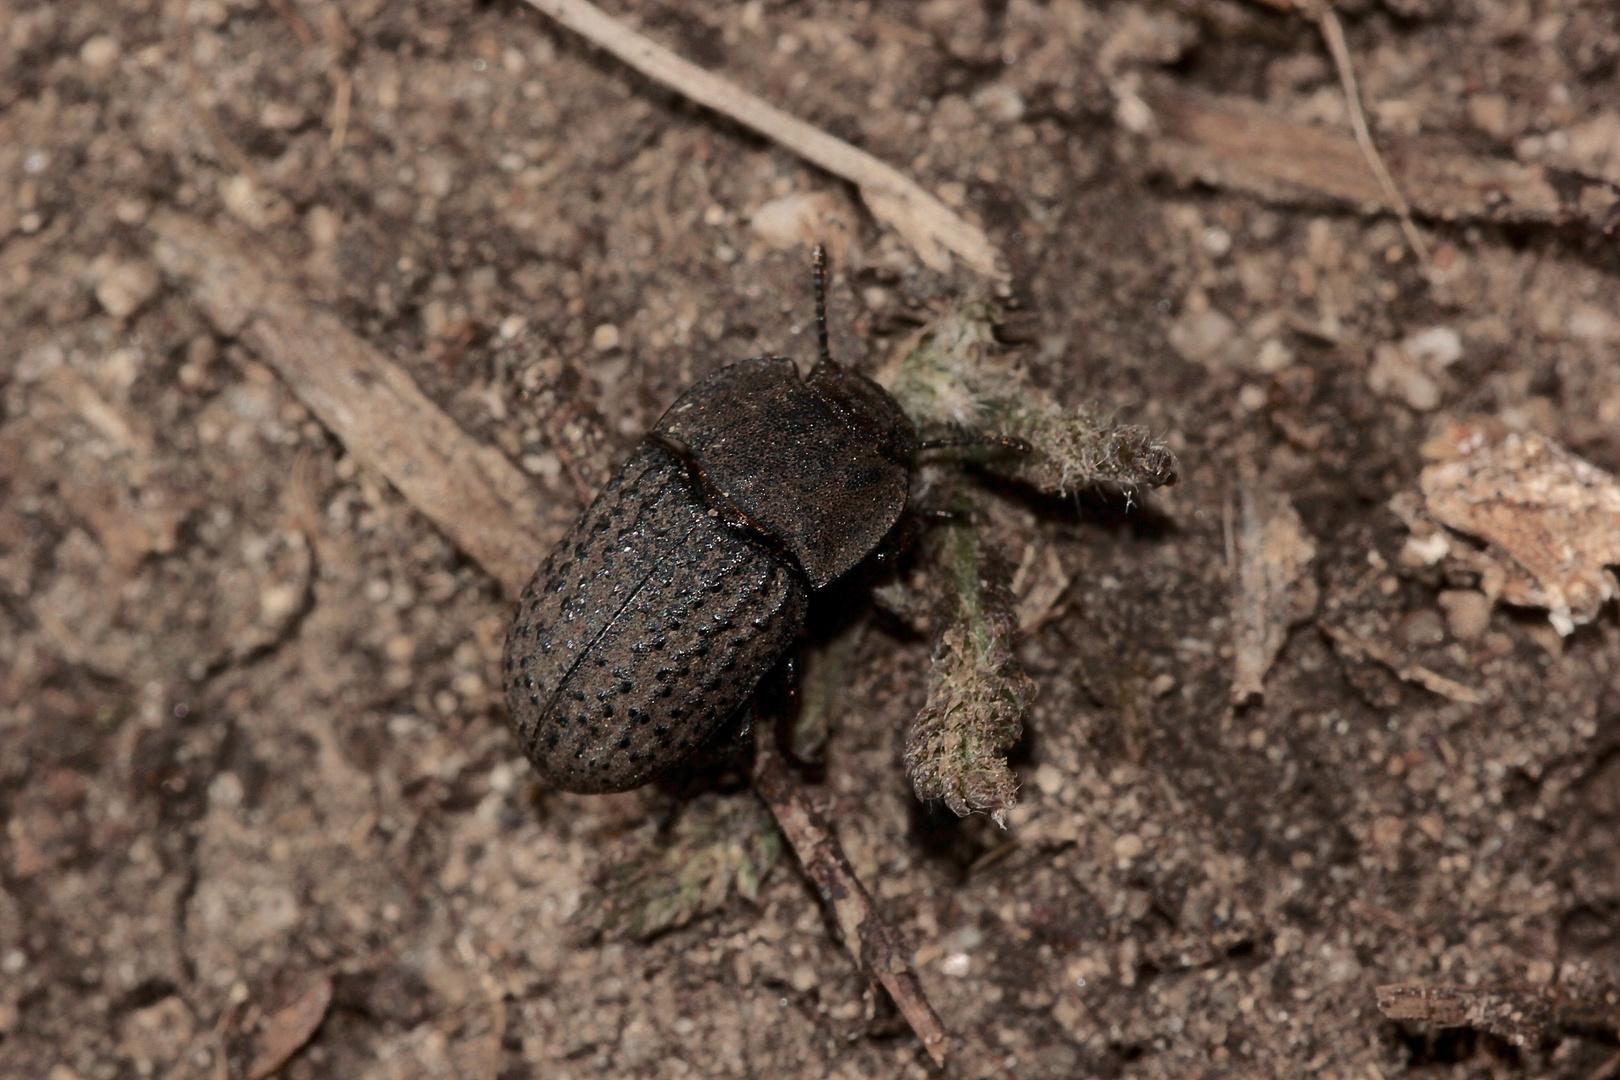 Der zu den Erdkäfern (Fam. Trogidae) gehörende Trox scaber